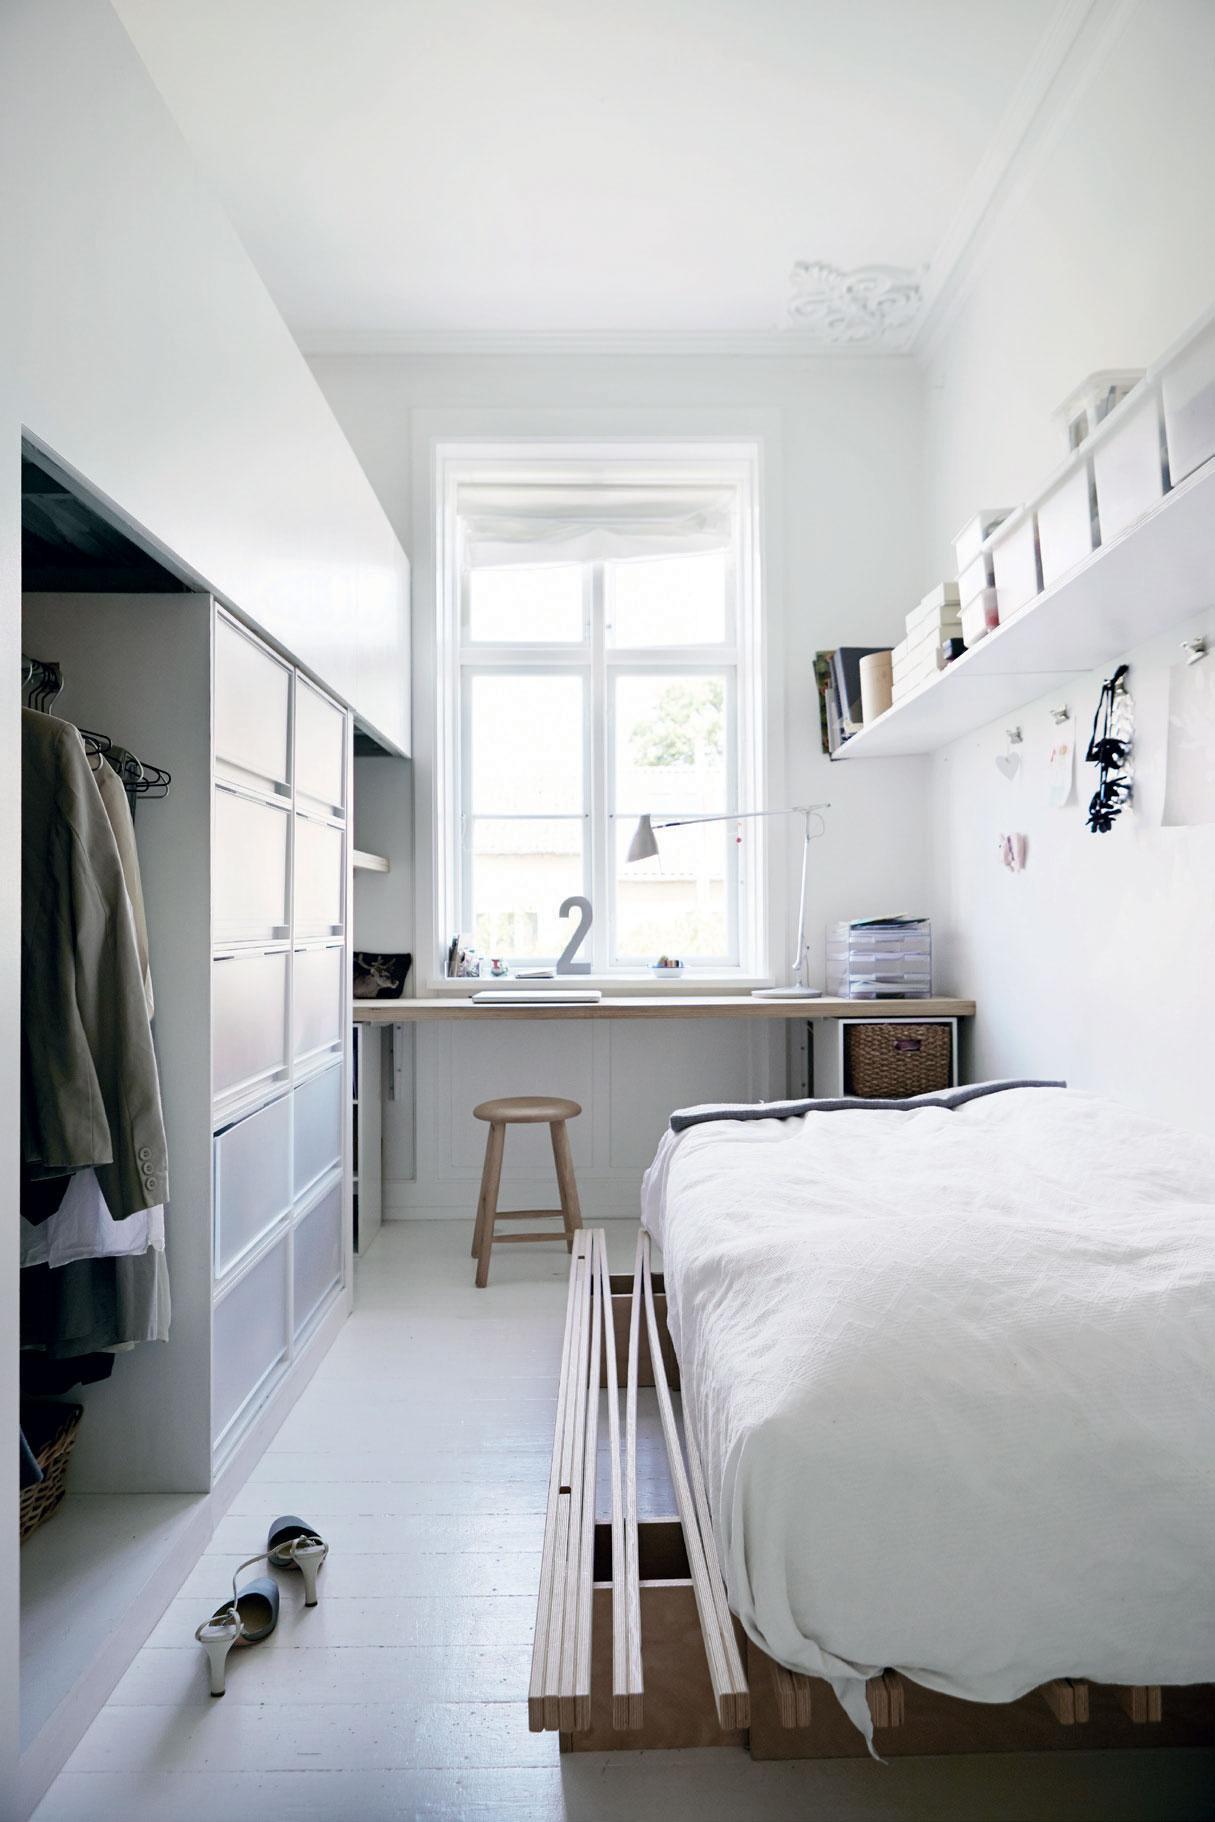 Nội thất phòng ngủ nhỏ đơn giản 1